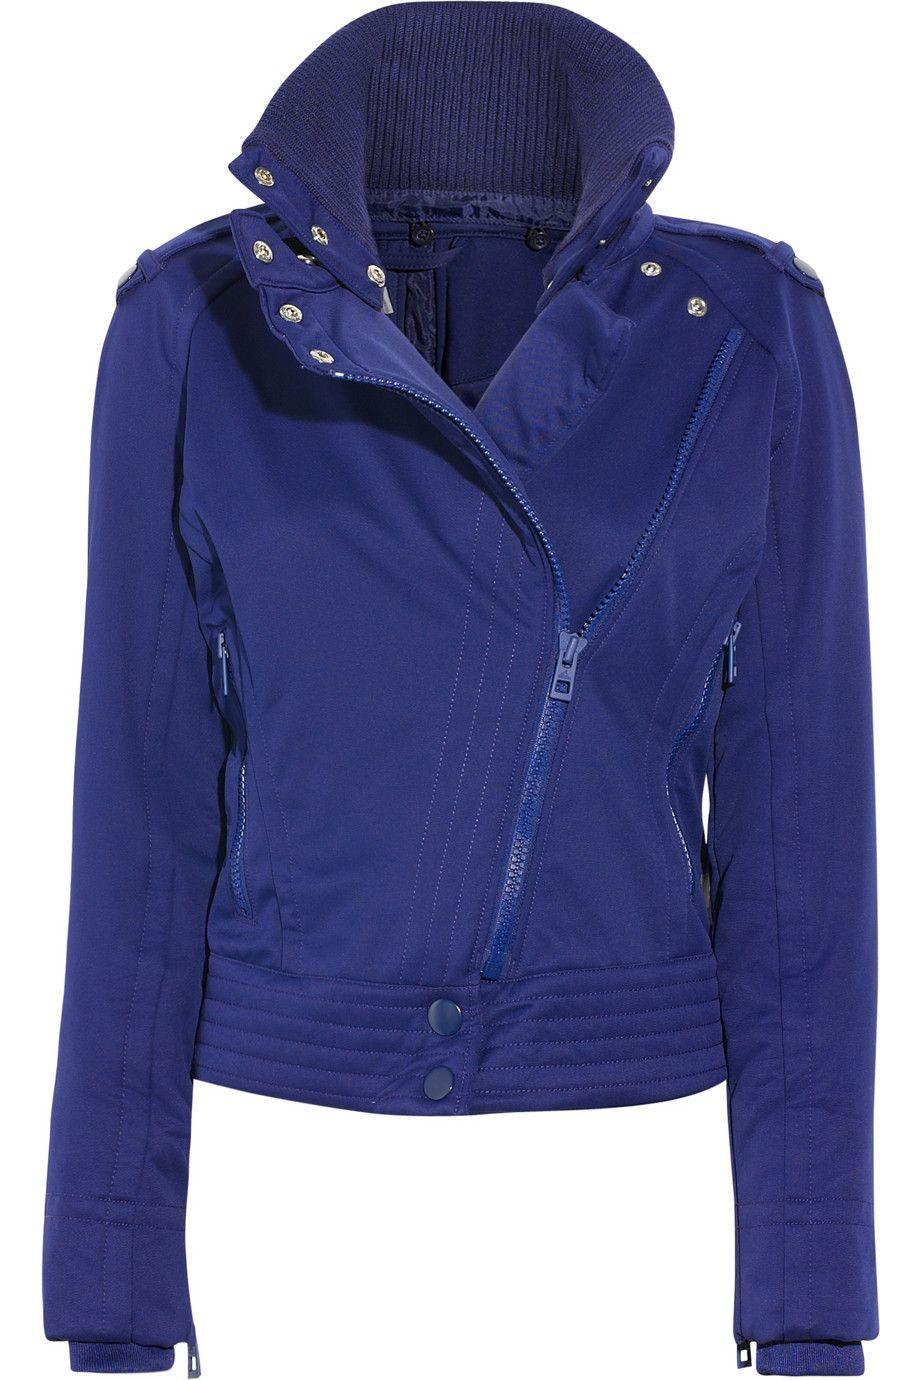 ff5962c1e4 Adidas by Stella McCartney Ski Fashion